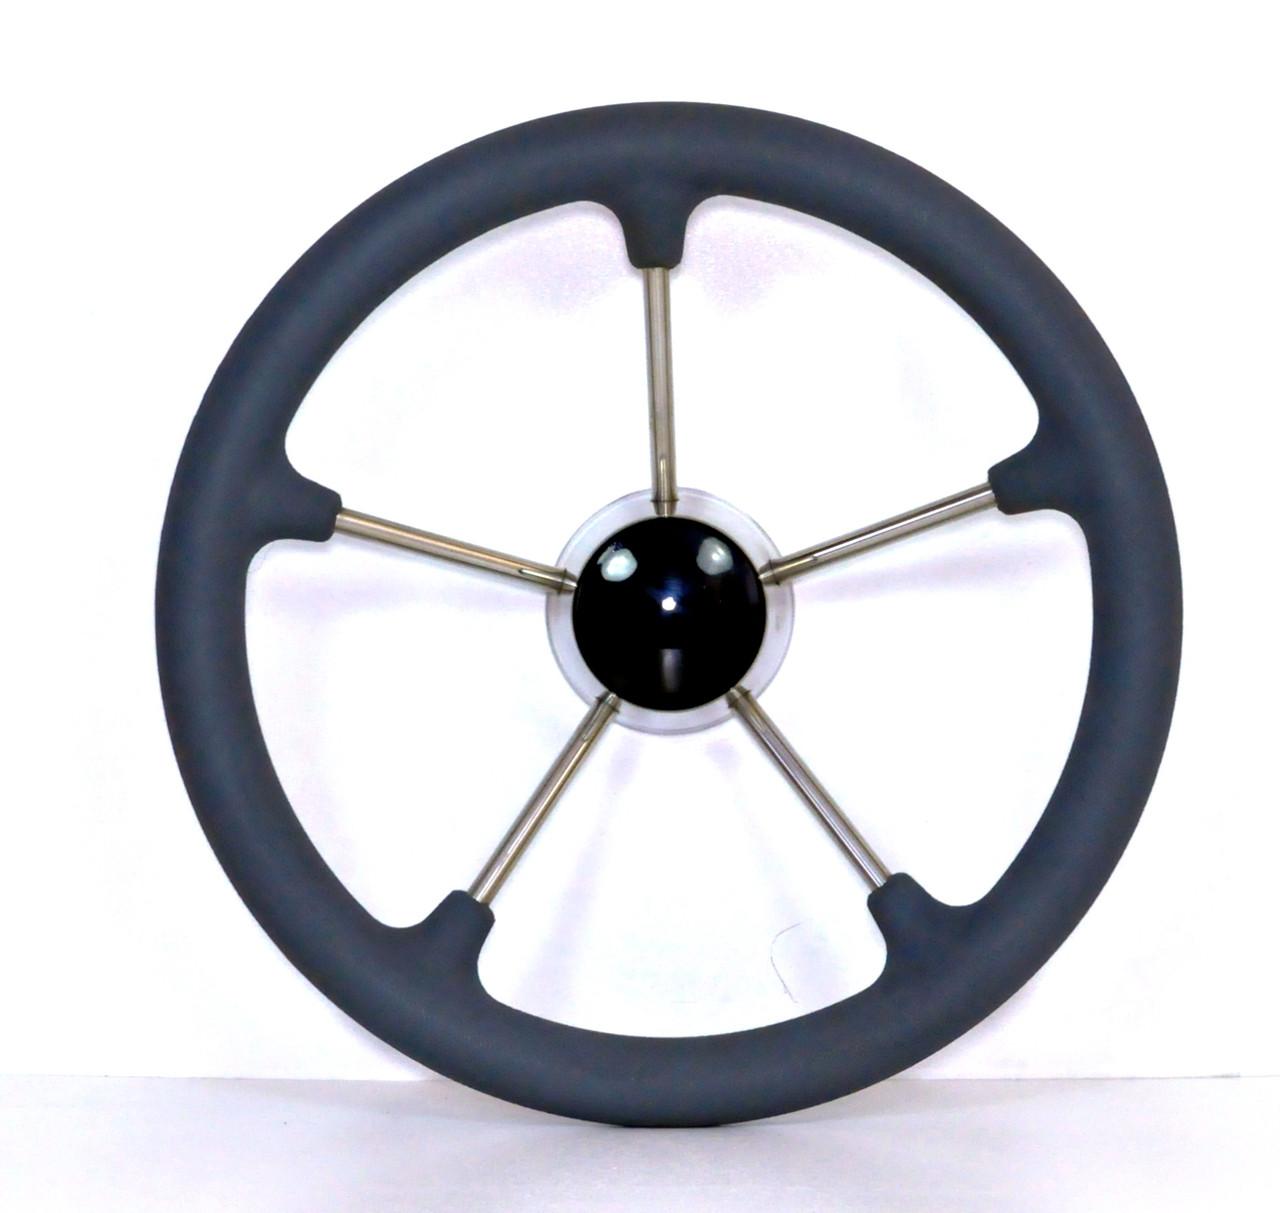 Рулевое колесо для катера, лодки, яхты 35 см нержавейка 87303G